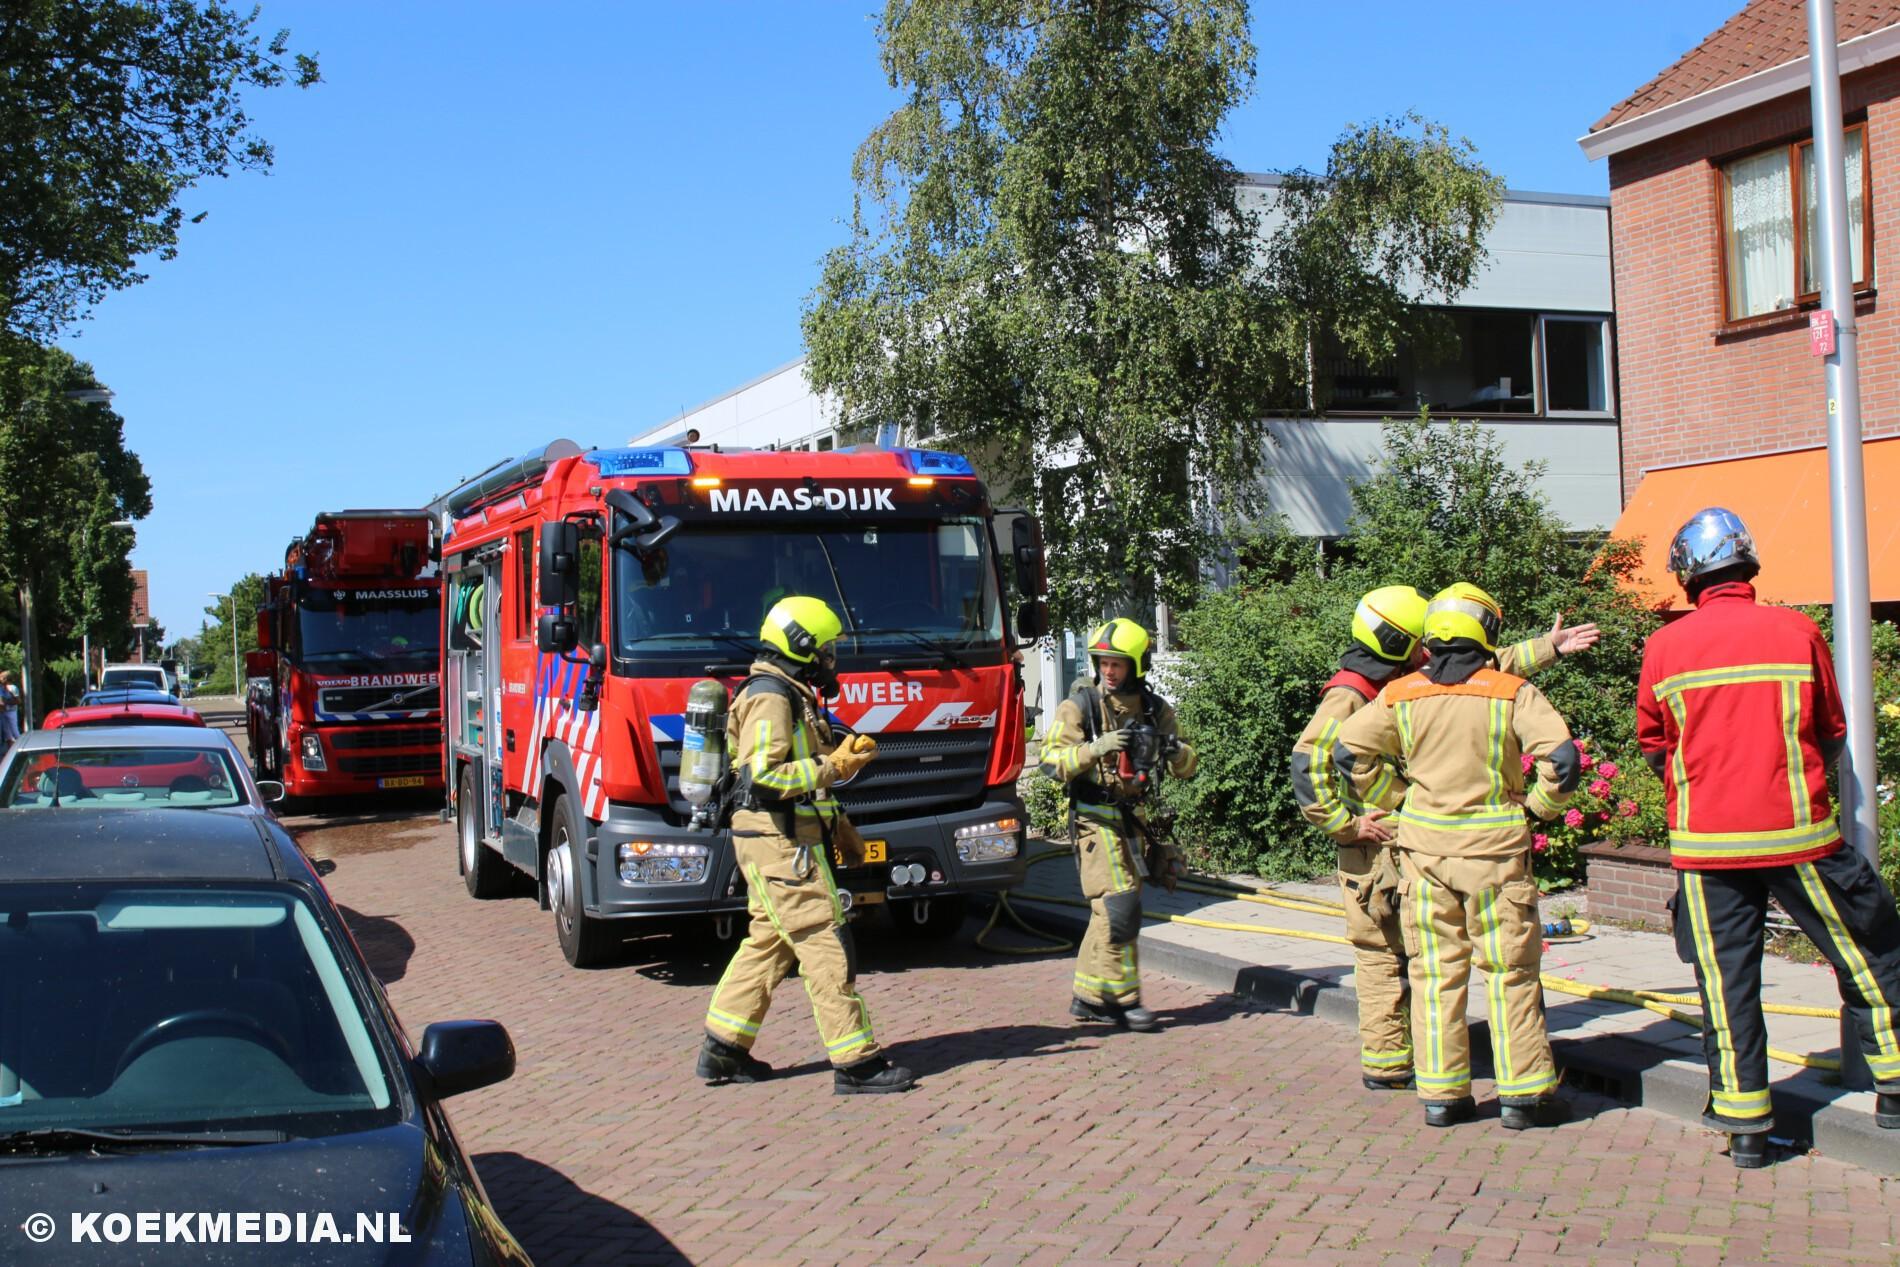 Pannetje vergeten op het vuur: Brandweer breekt deur open